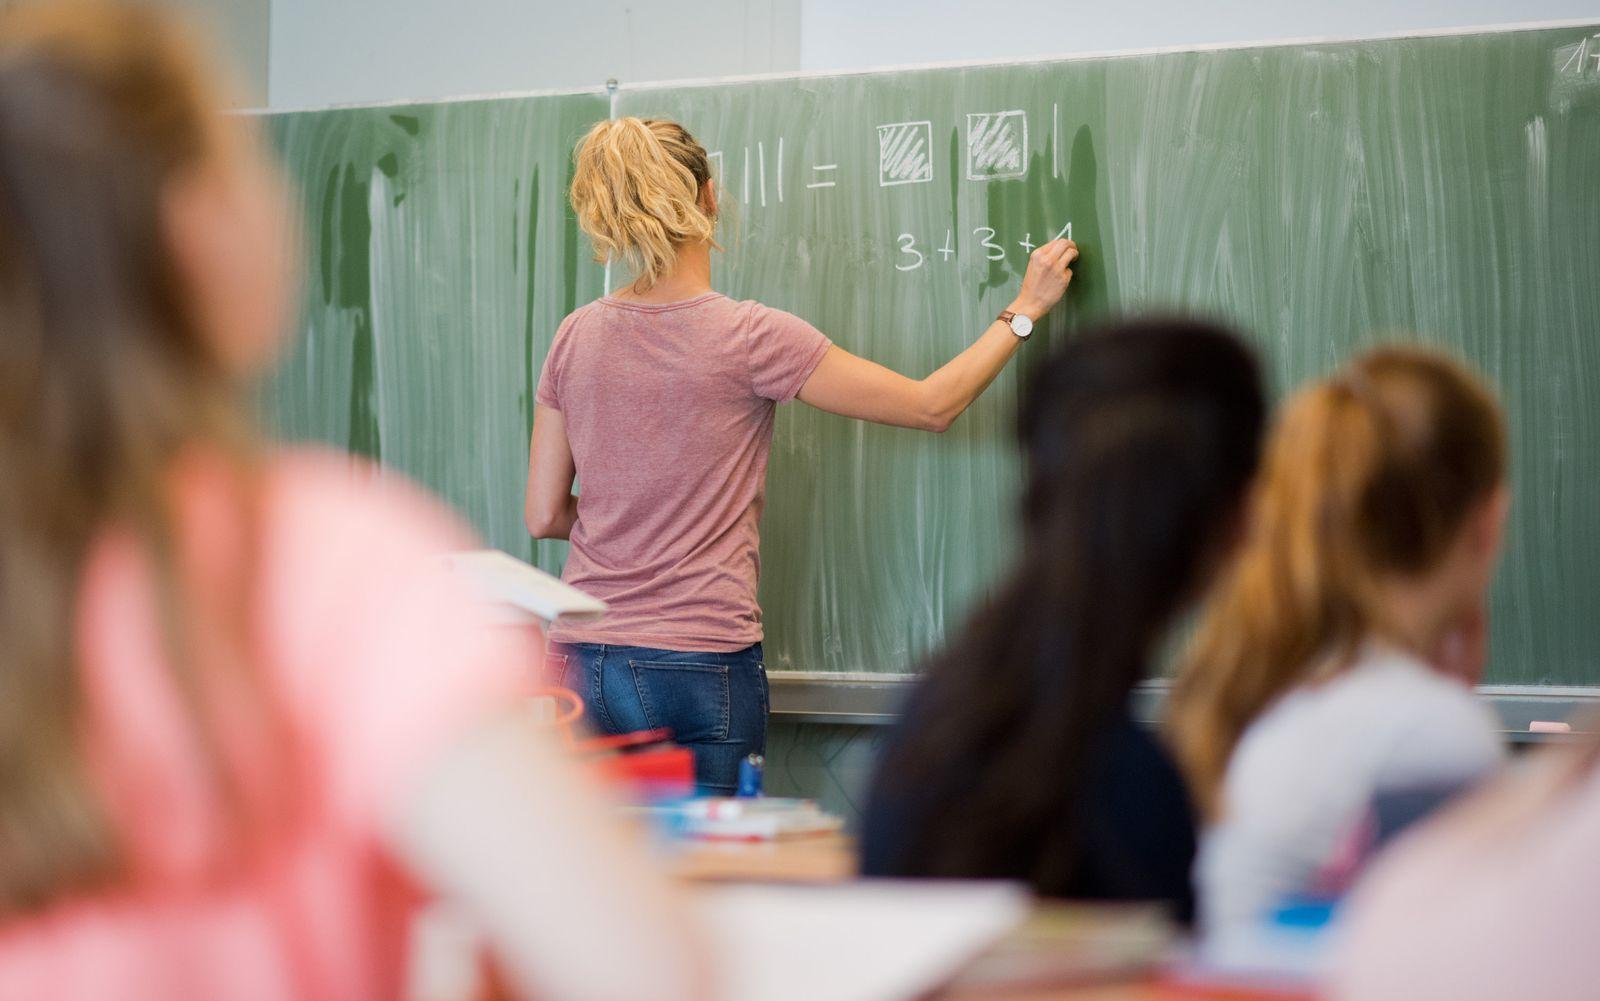 Lehrer/ Burnout